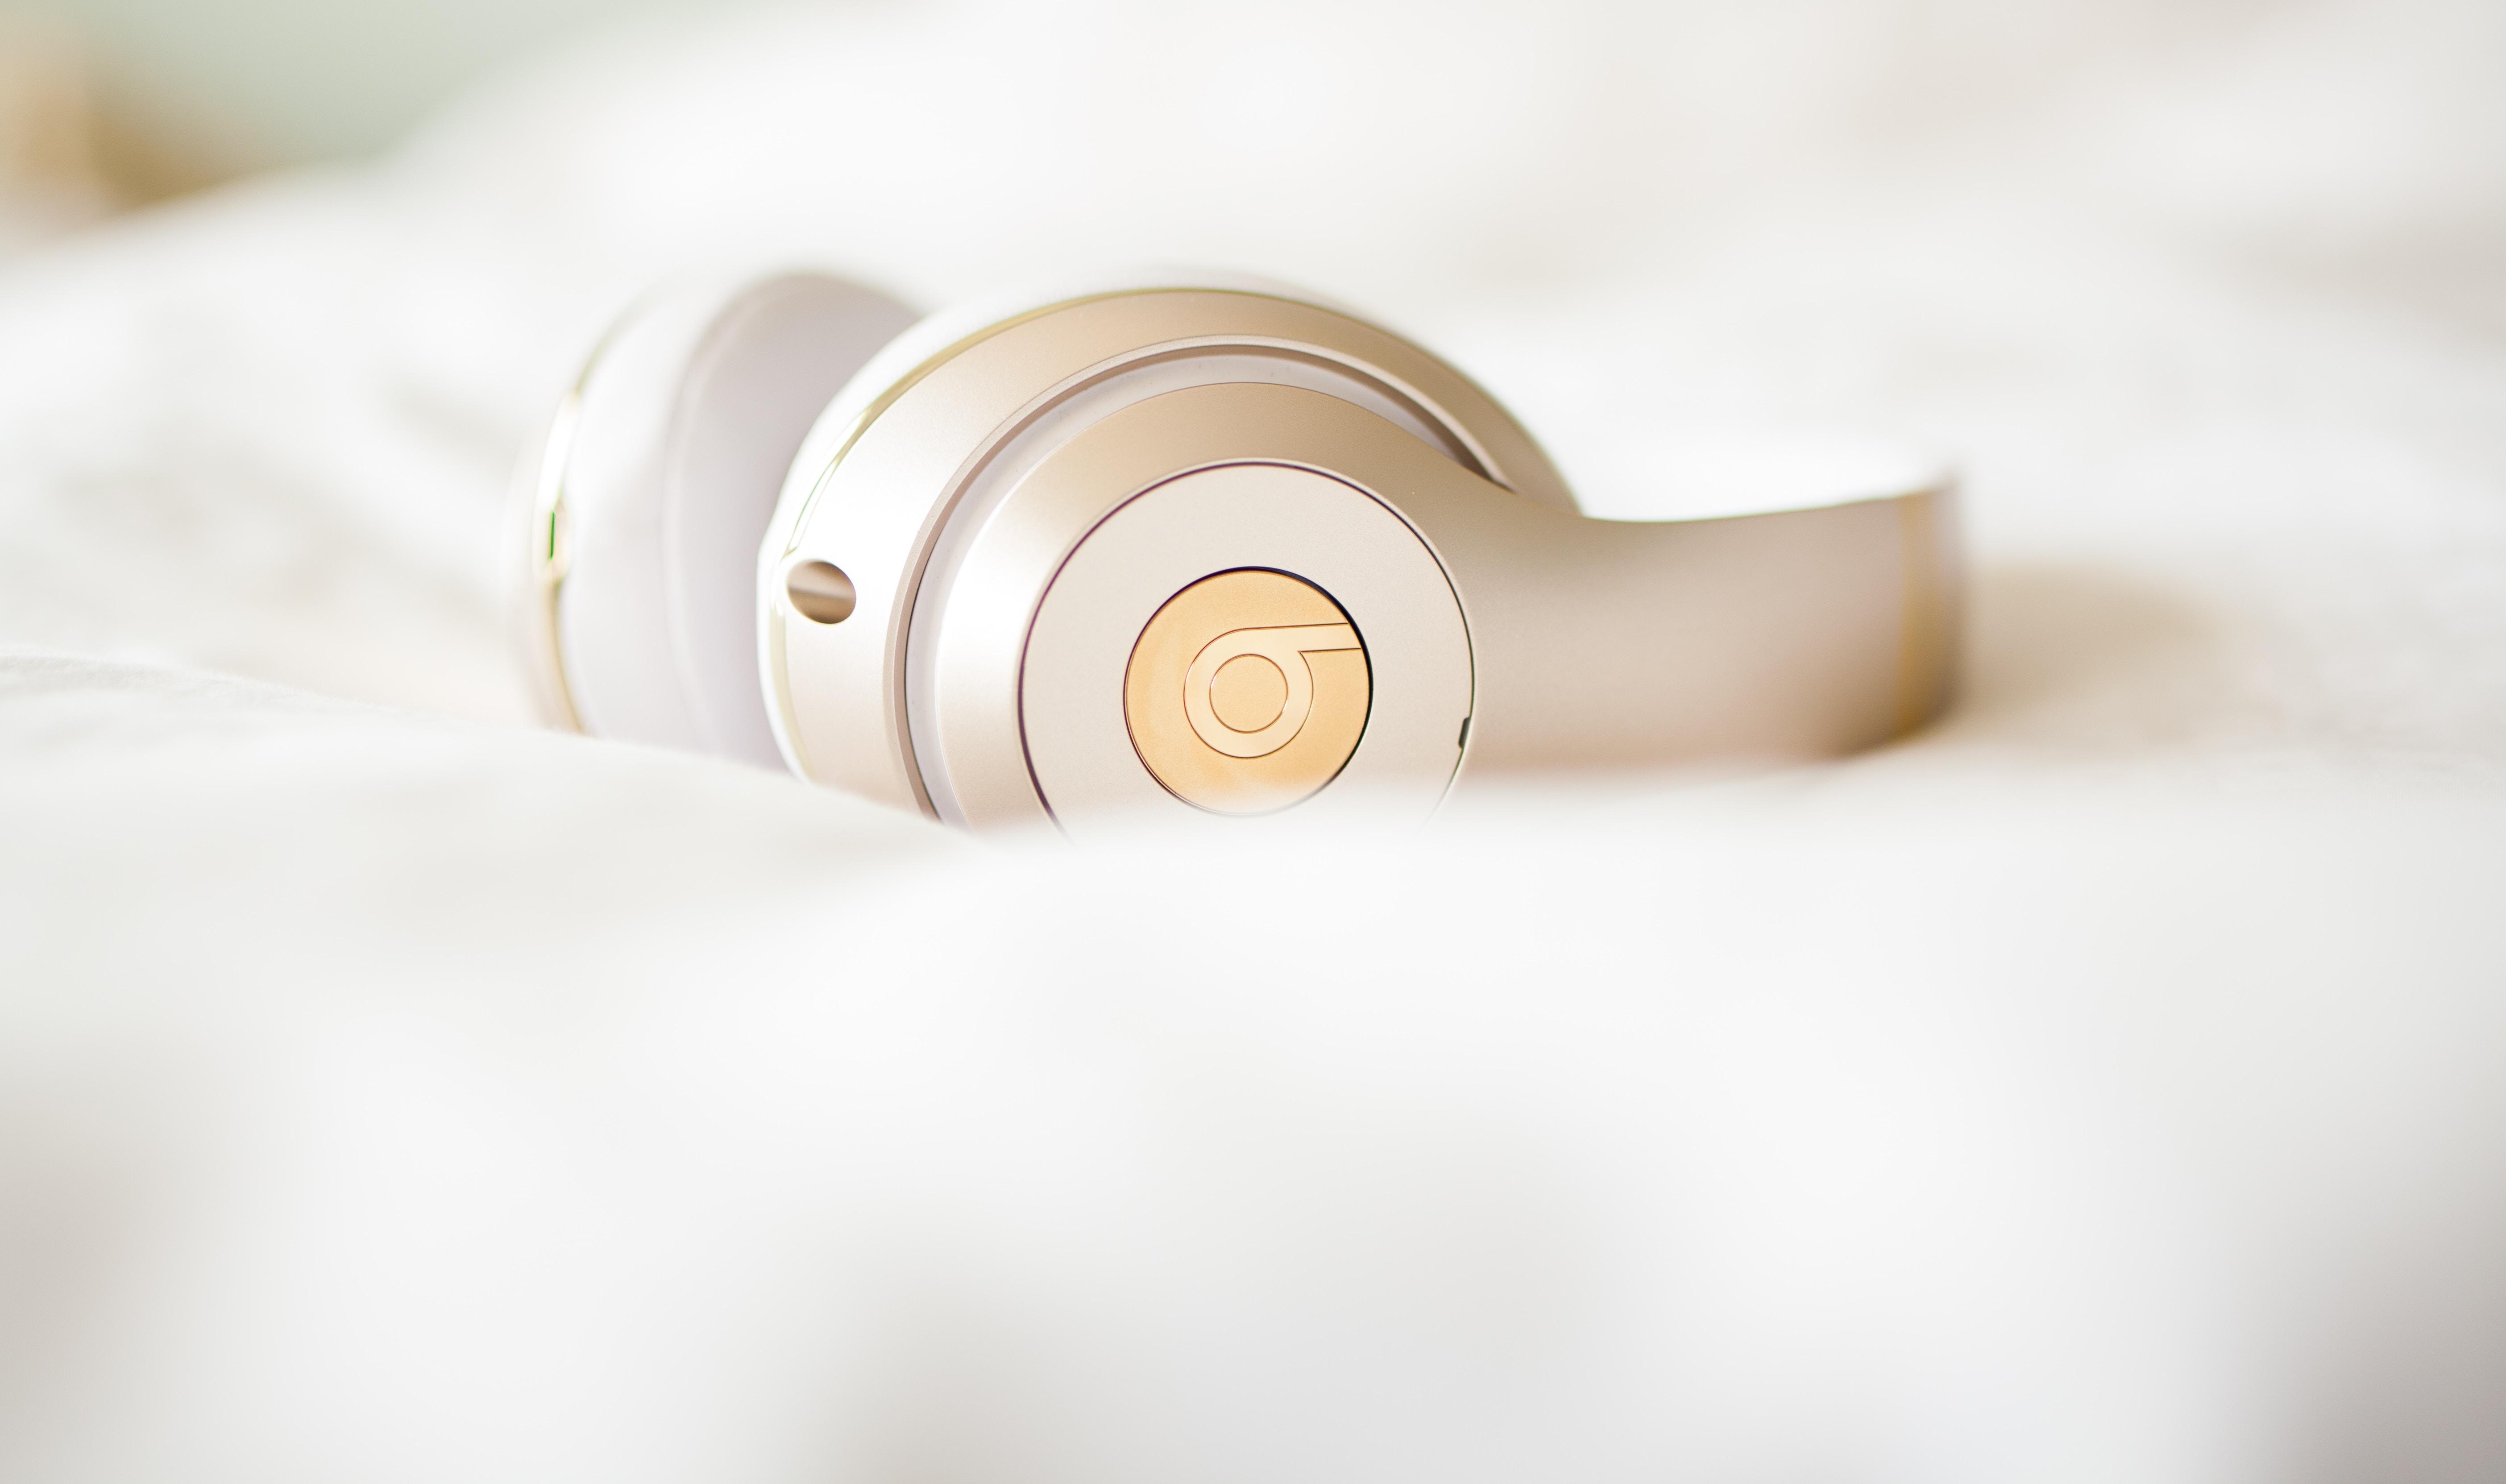 Fones de ouvido da Beats